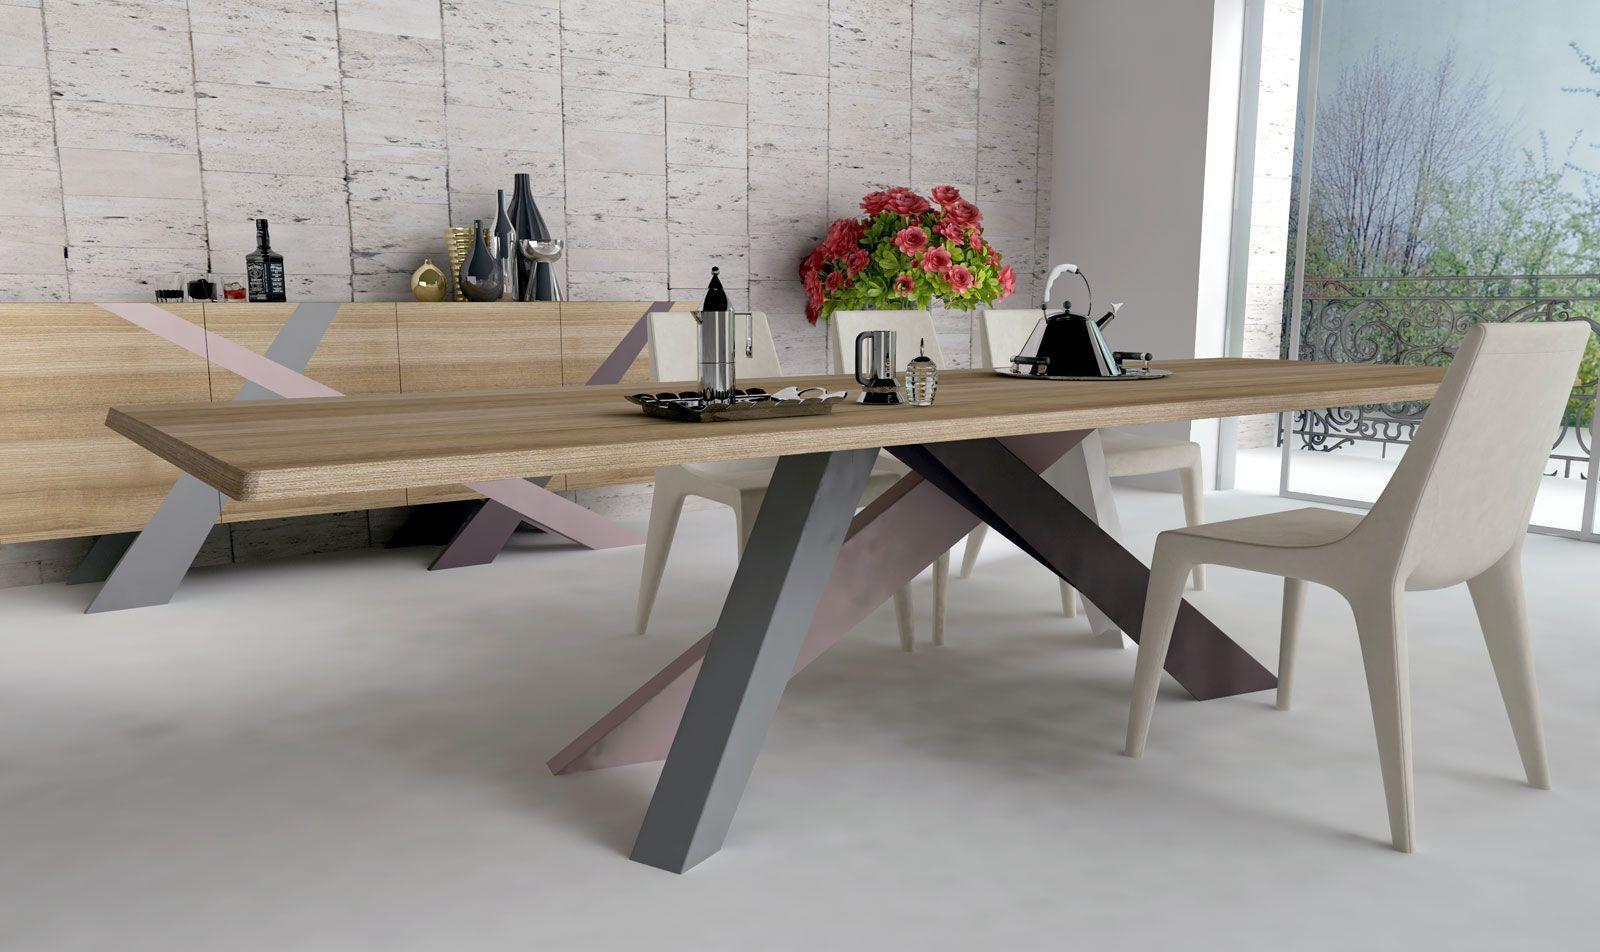 Big Table is een bijzondere tafel ontworpen door Alain